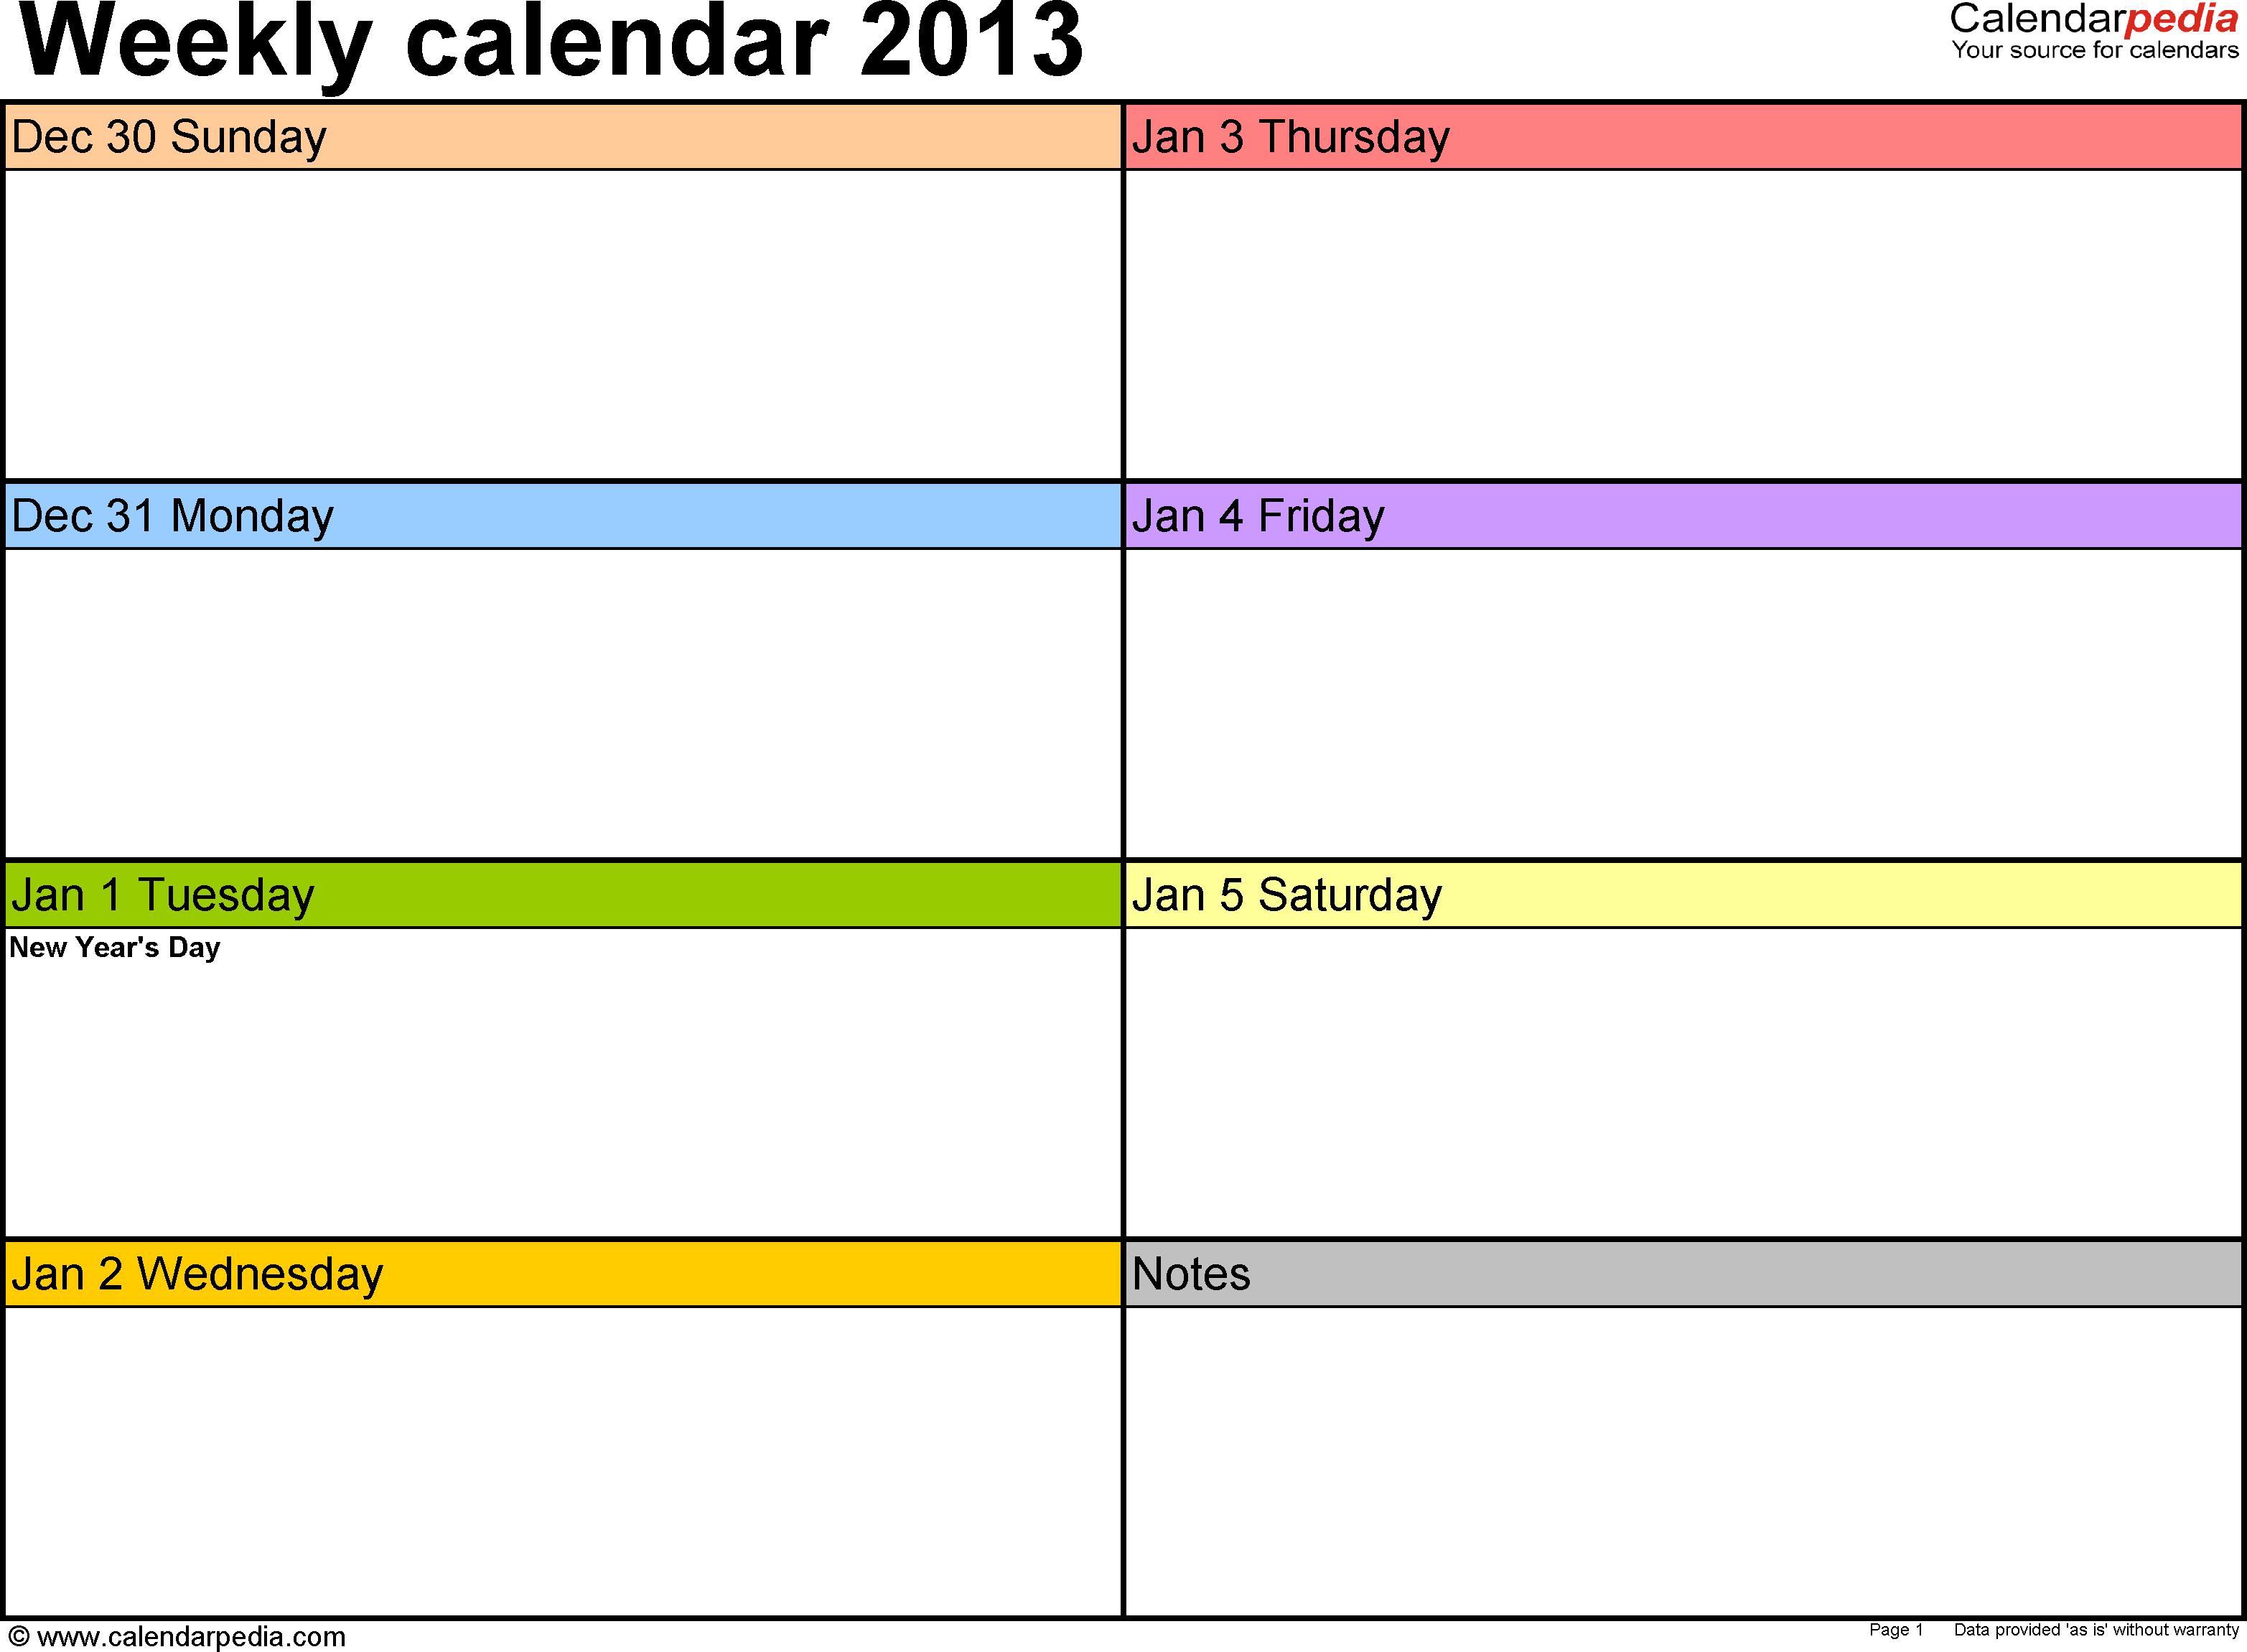 Printable Weekly Planner Template Templates Ree Blank Calendar inside 5 Day Week Blank Calendar With Time Slots Printable